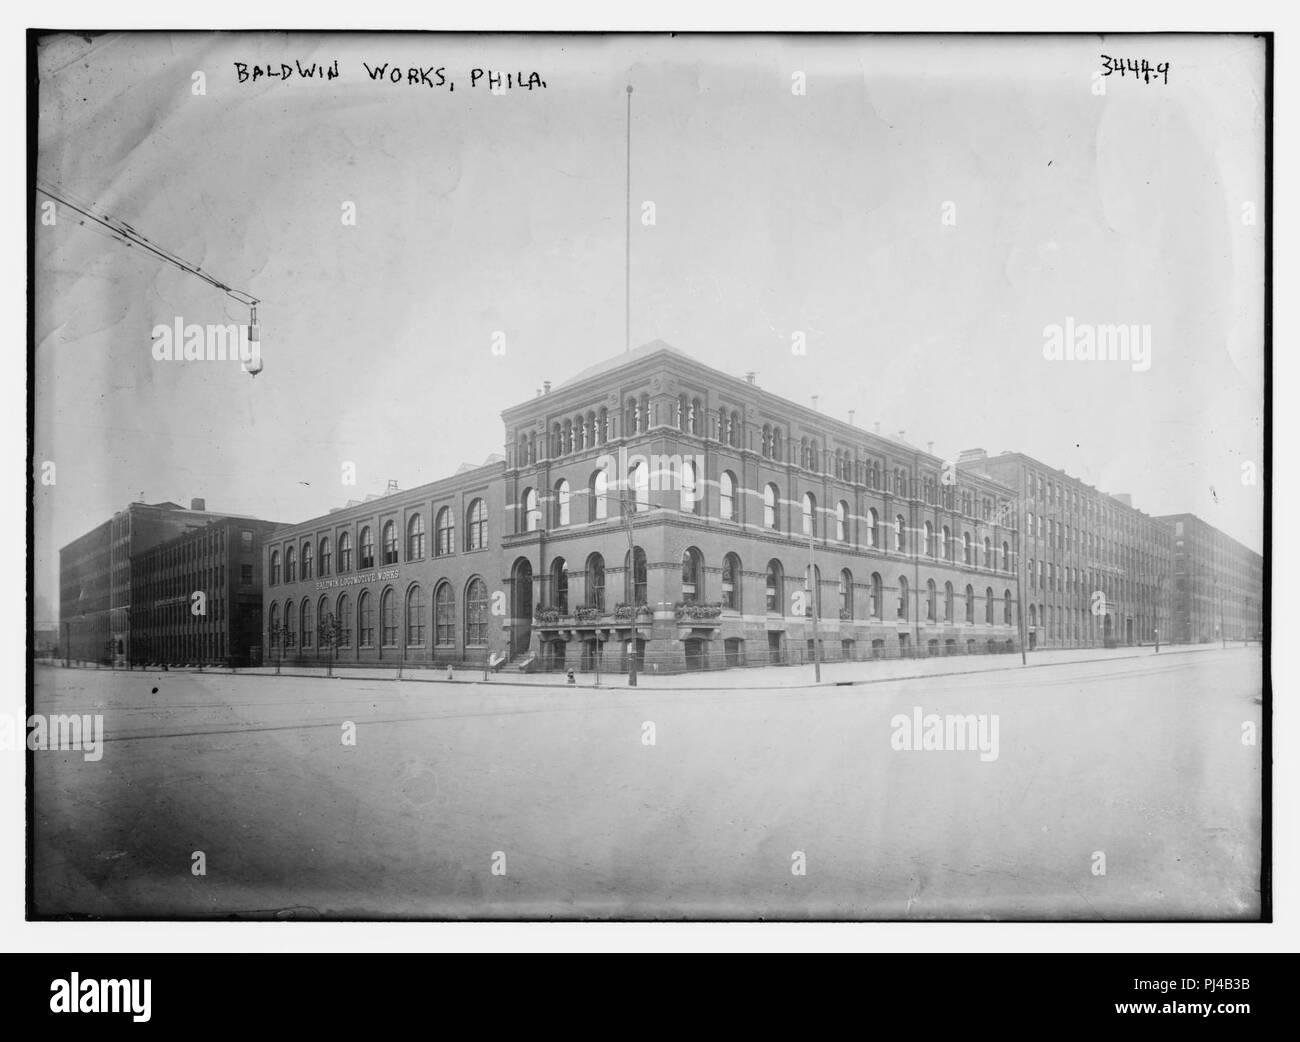 Baldwin Works, Phila. - Stock Image